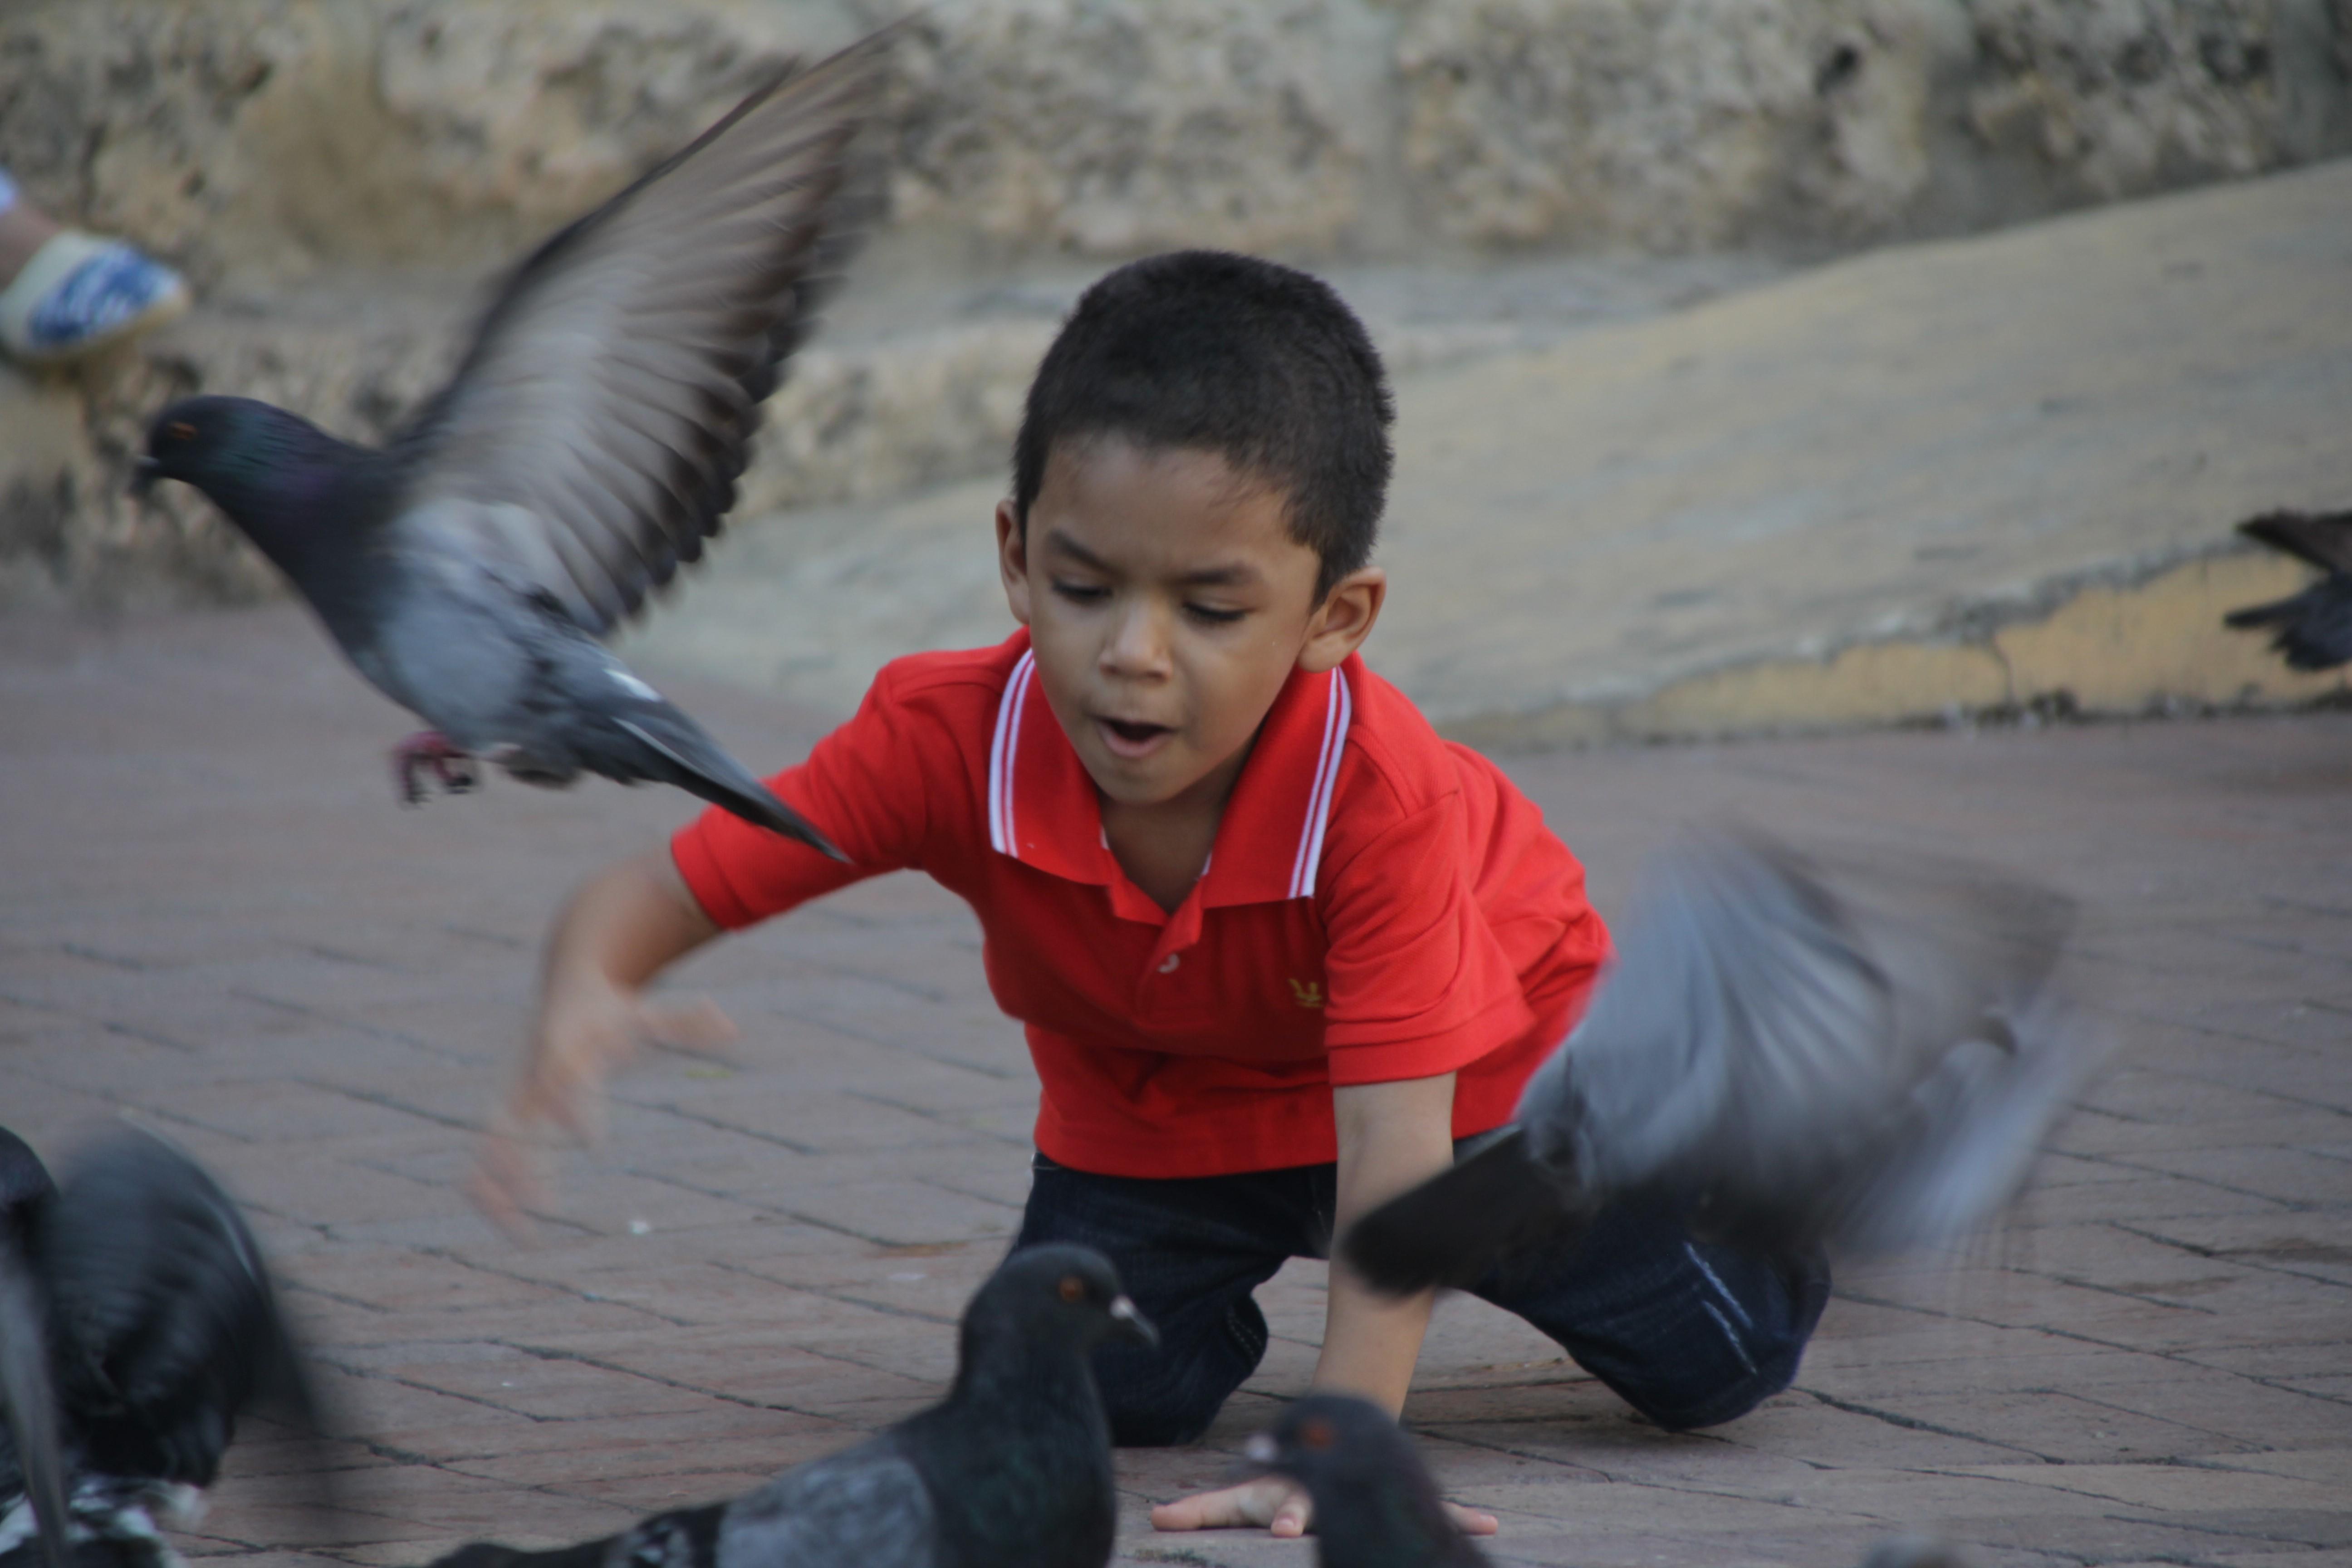 Un petit garçon nourrit les pigeons, avant de les chasser (© Jérôme Decoster).